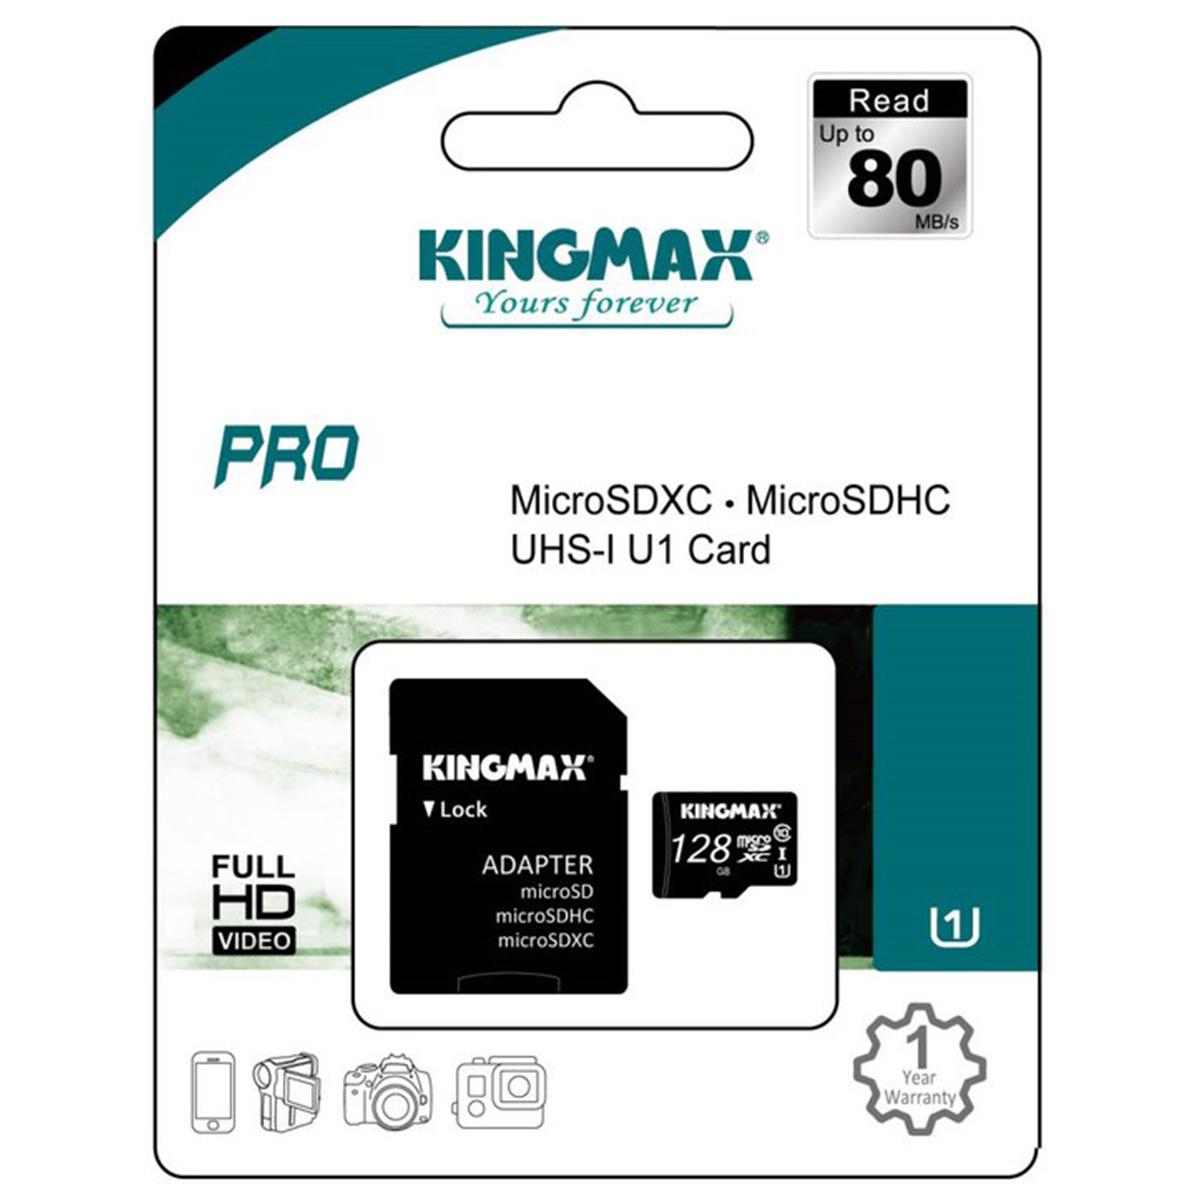 SDカード 128GB 贈答品 sdhc ご注文で当日配送 Class10 クラス10 KINGMAX microSDHCカード UHS-I 敬老の日 送料無料 対応 パソコン スマホ SD変換アダプター付属 タブレッドPC カメラ